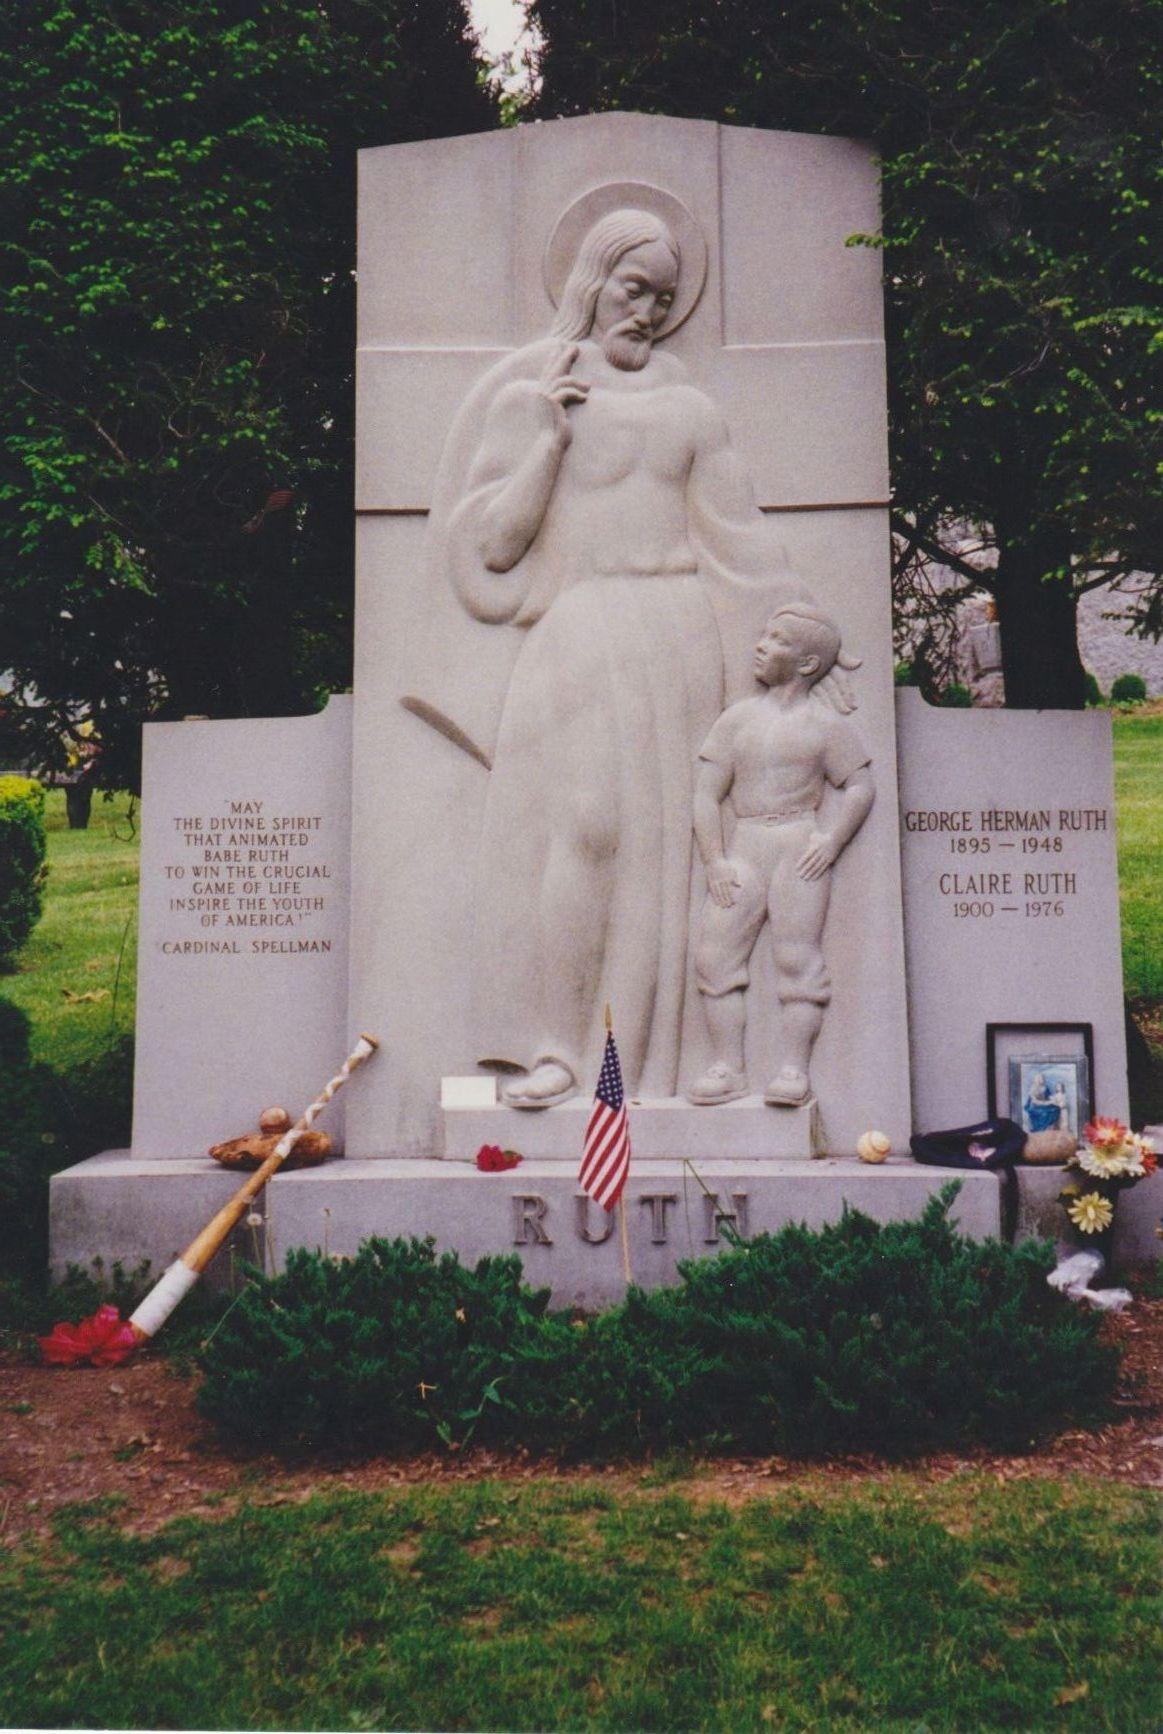 George Herman Babe Ruth